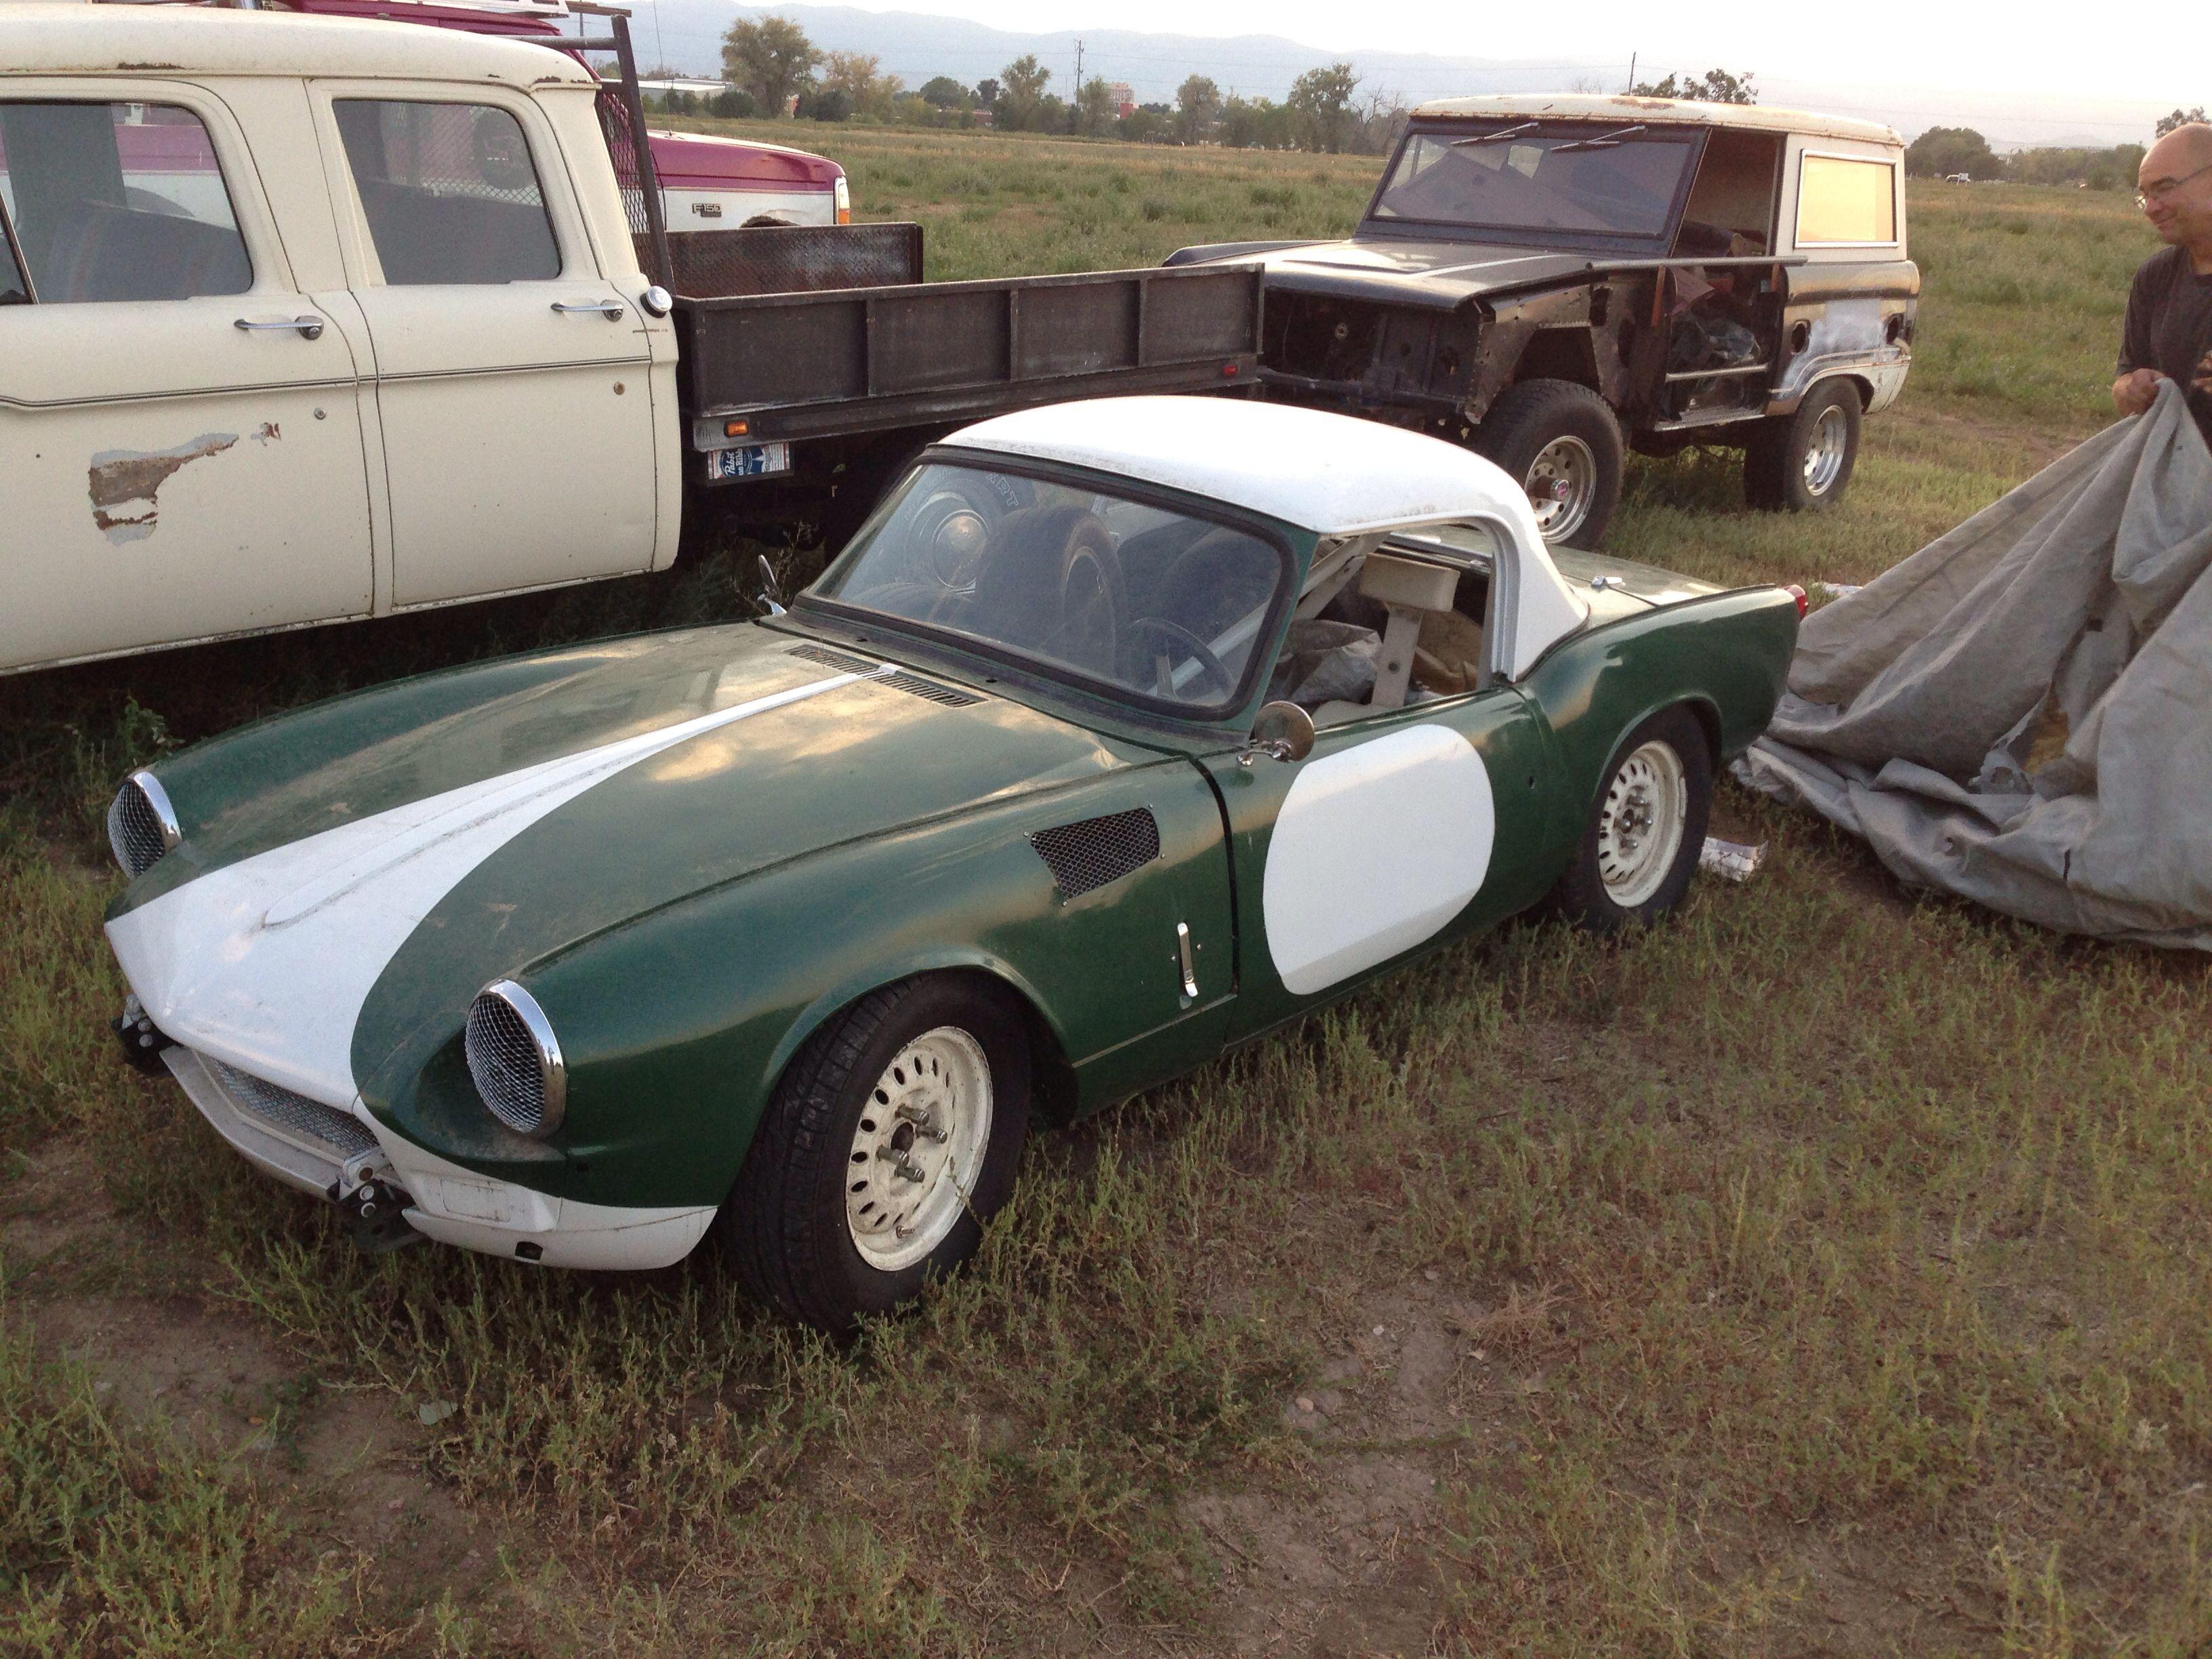 Triumph spitfire race car | Automotive | Pinterest | Triumph ...